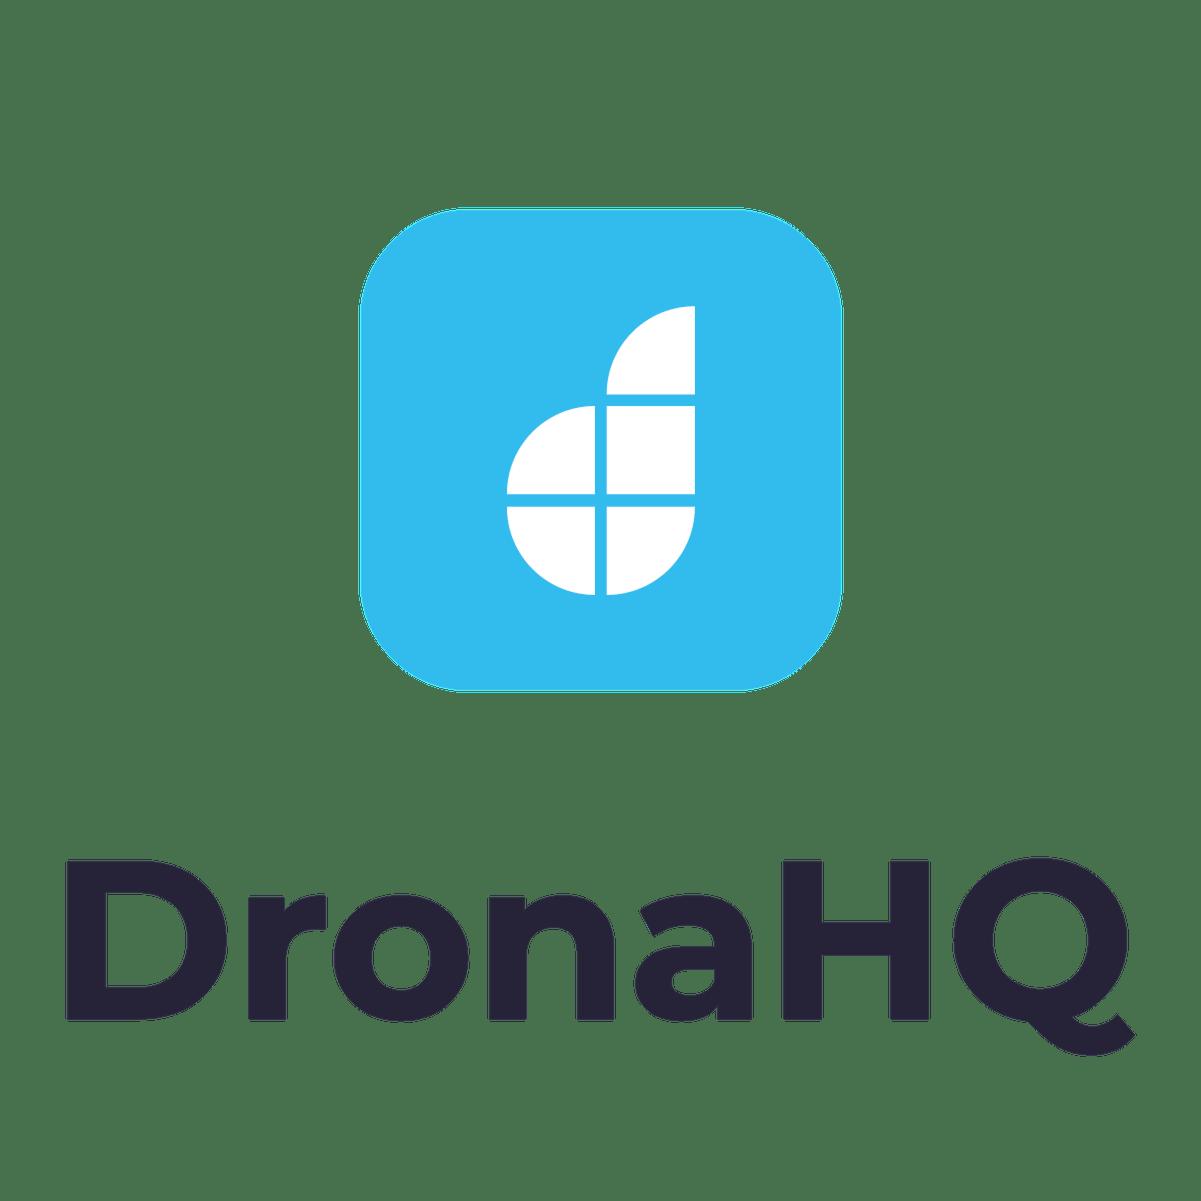 DronaHQ